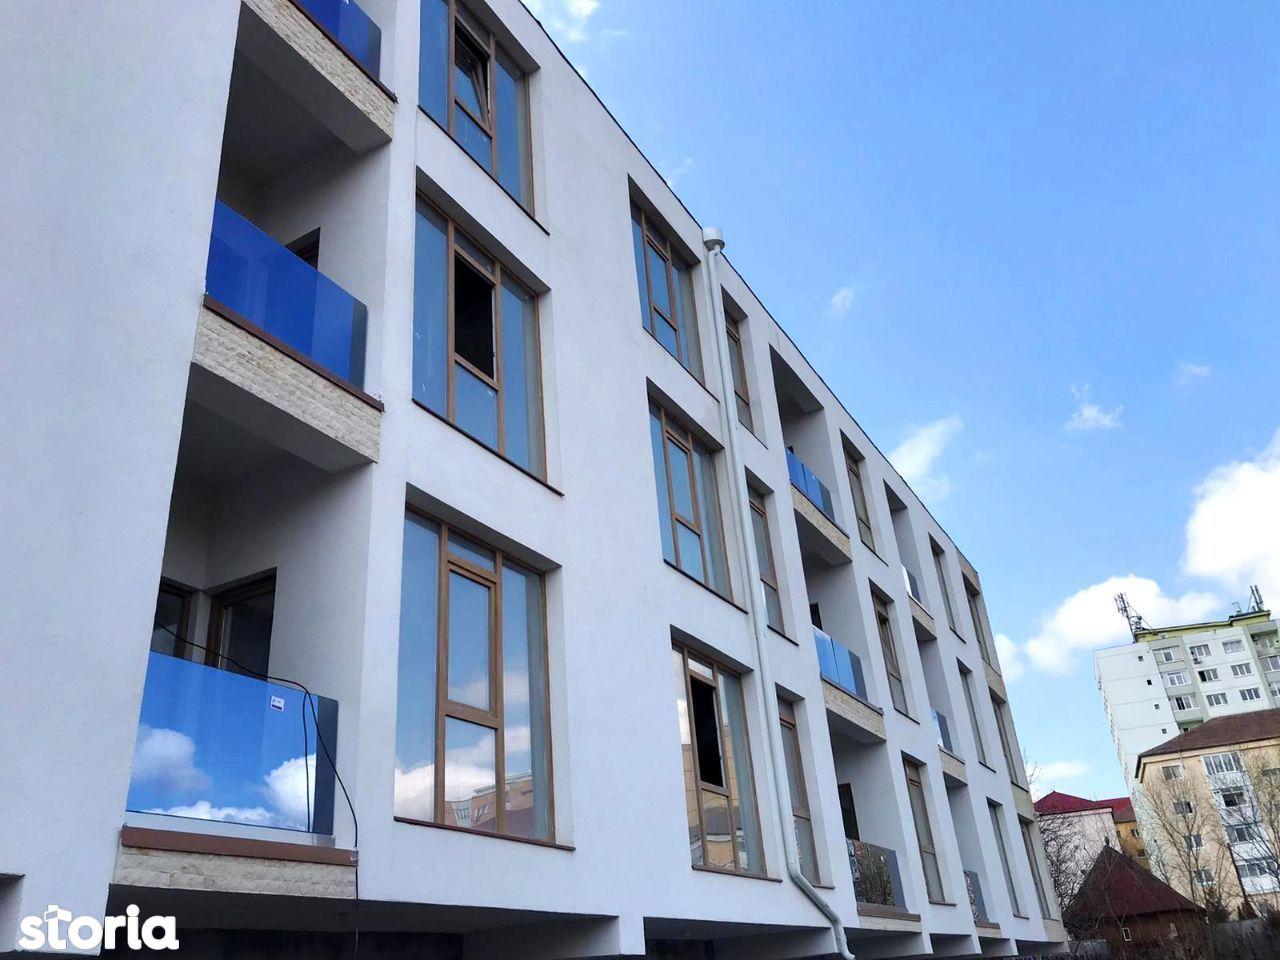 Apartament 3 camere zona Milea, DN1, LIDL Shopping City Sibiu V. Aron